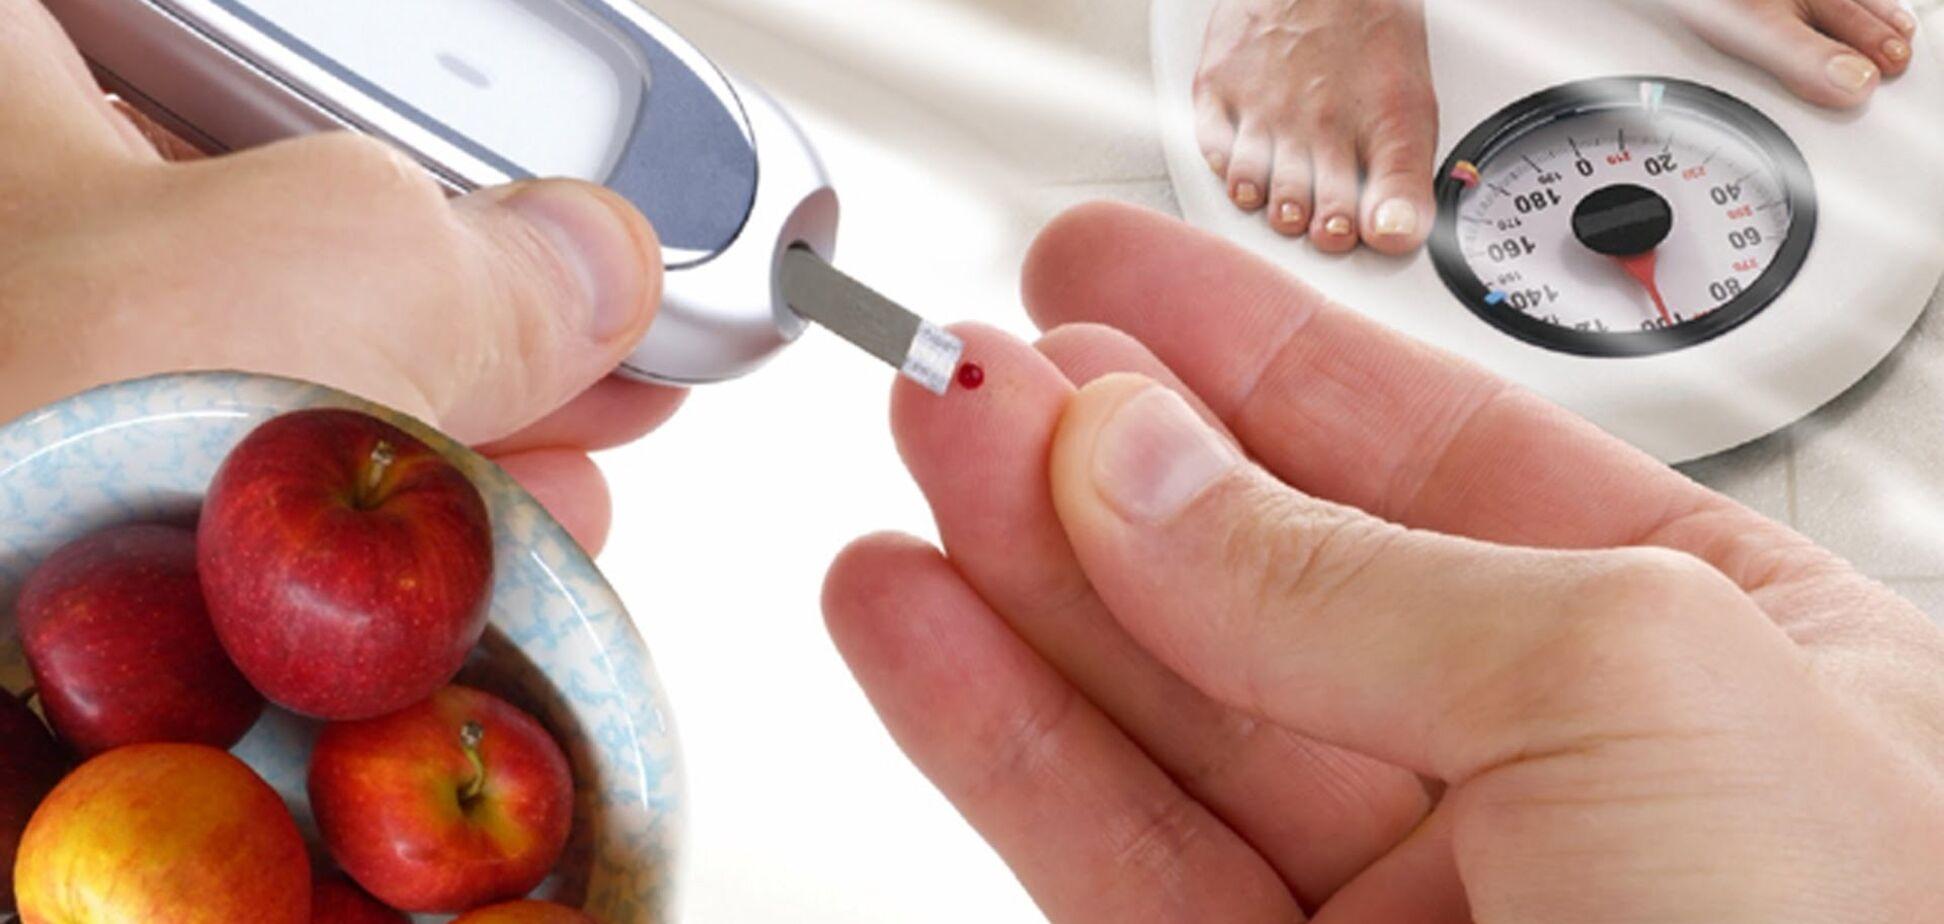 Прорив у медицині: вченим вдалося вилікувати діабет